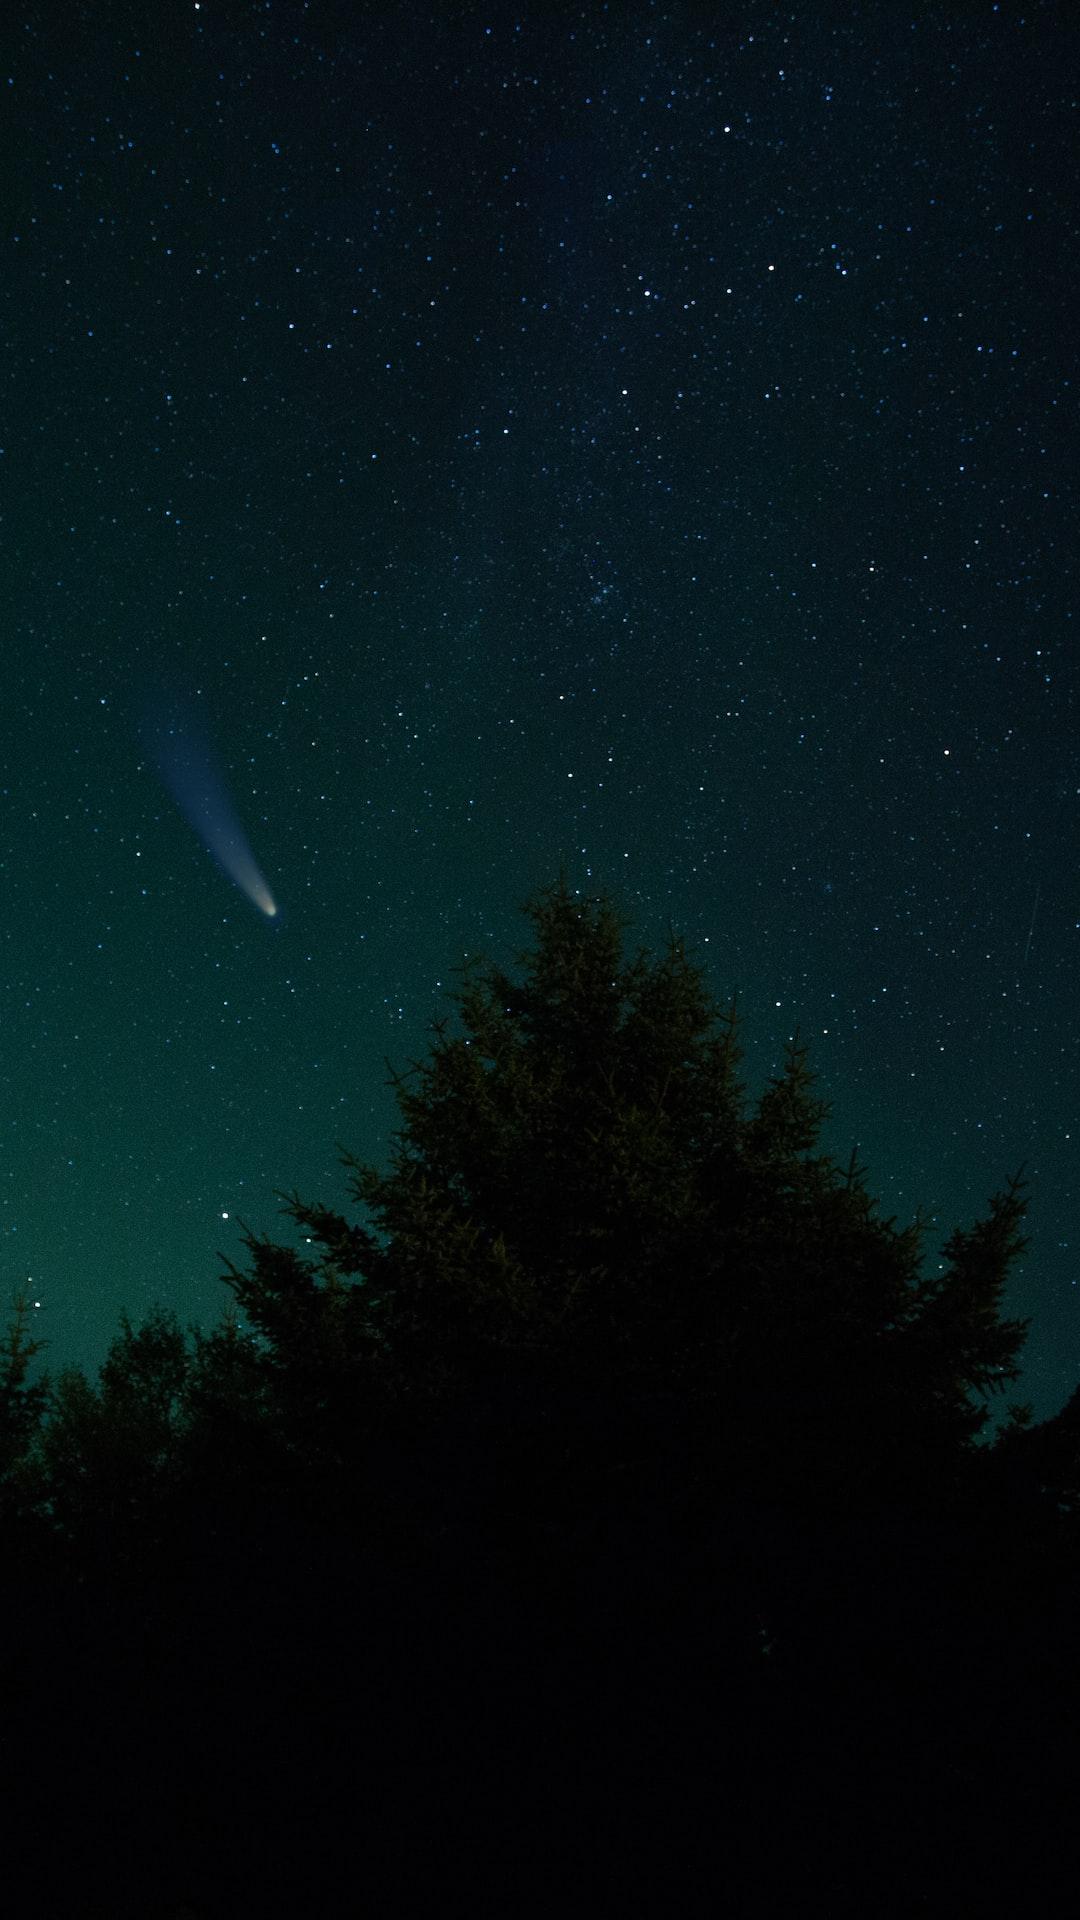 Tout ce que vous voulez savoir sur le plus gros astéroïde censé nous frapper en 2021 après son passage dimanche dernier